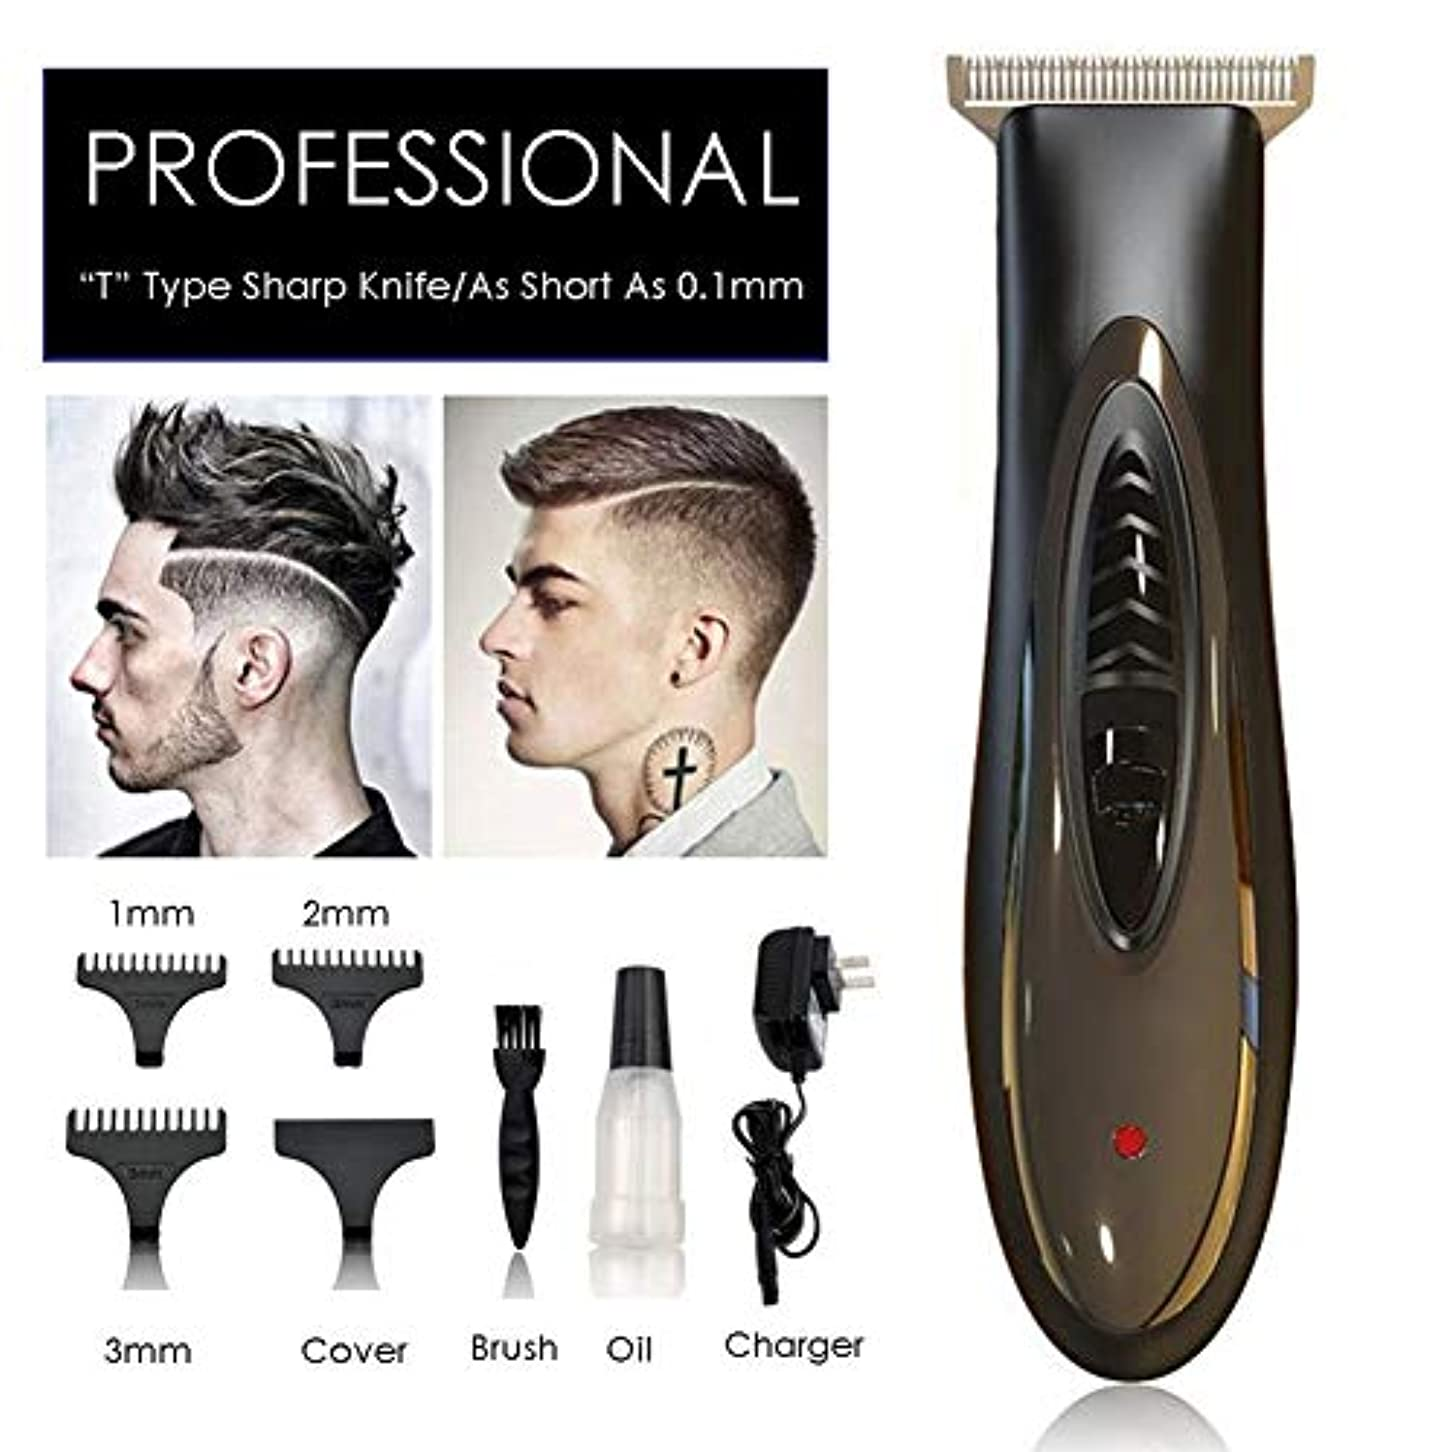 リスナー征服クールバリカン0.1ミリメートルプロフェッショナル充電式のヘアトリマー髭剃り髪の男性のためのマシンエッジングサロン電気芝刈り機を切断